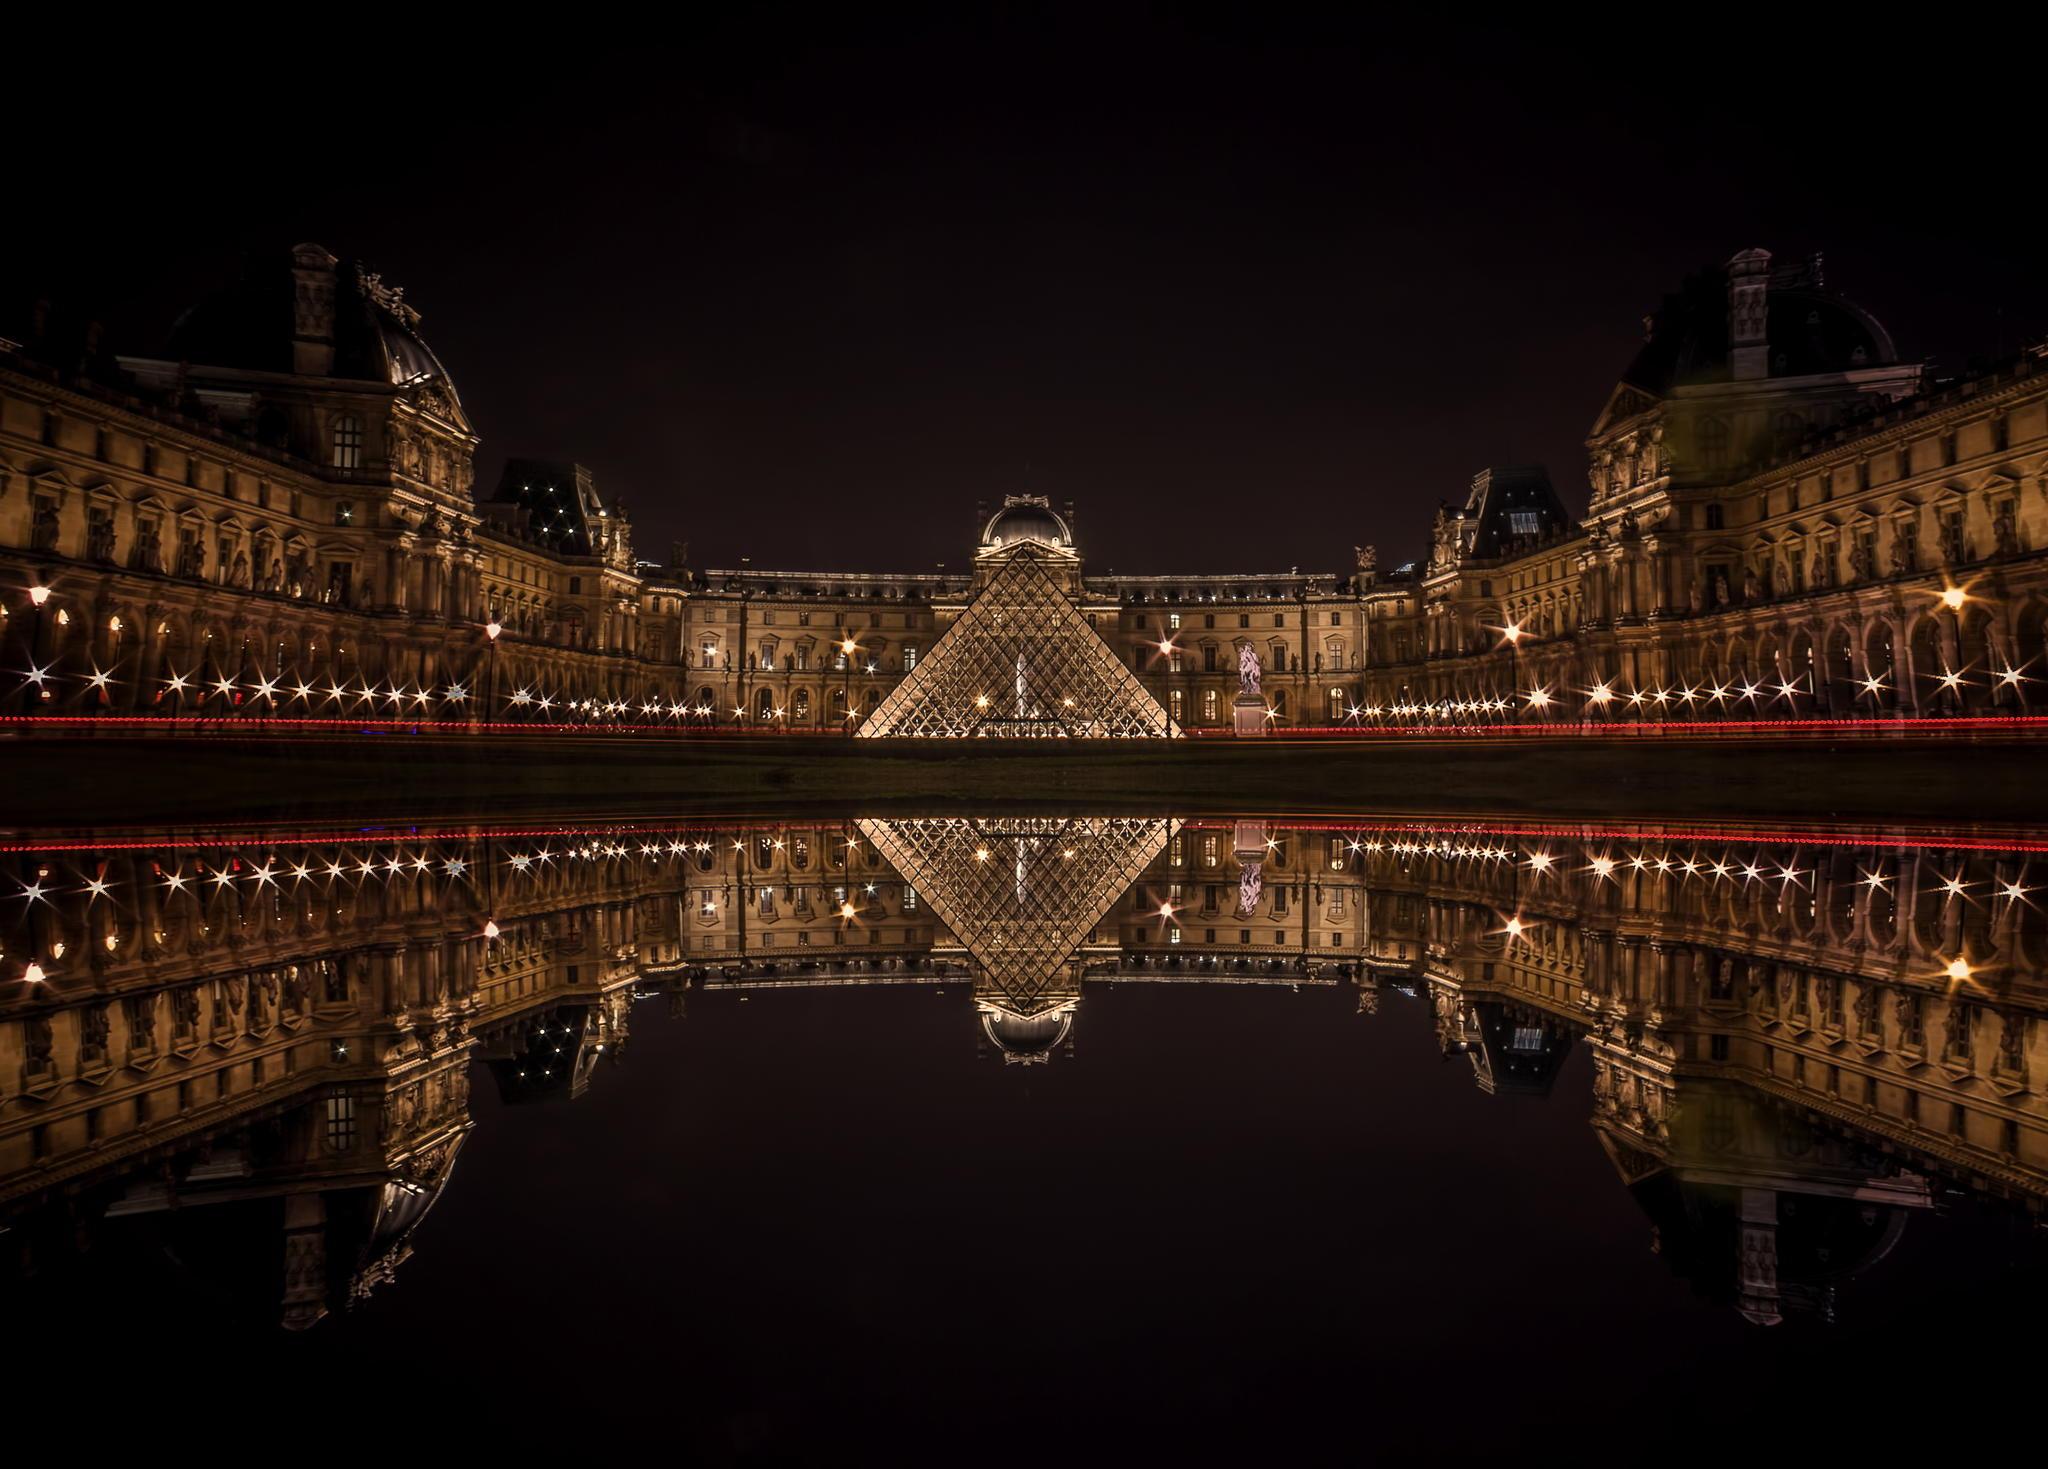 夜拍卢浮宫和埃菲尔铁塔